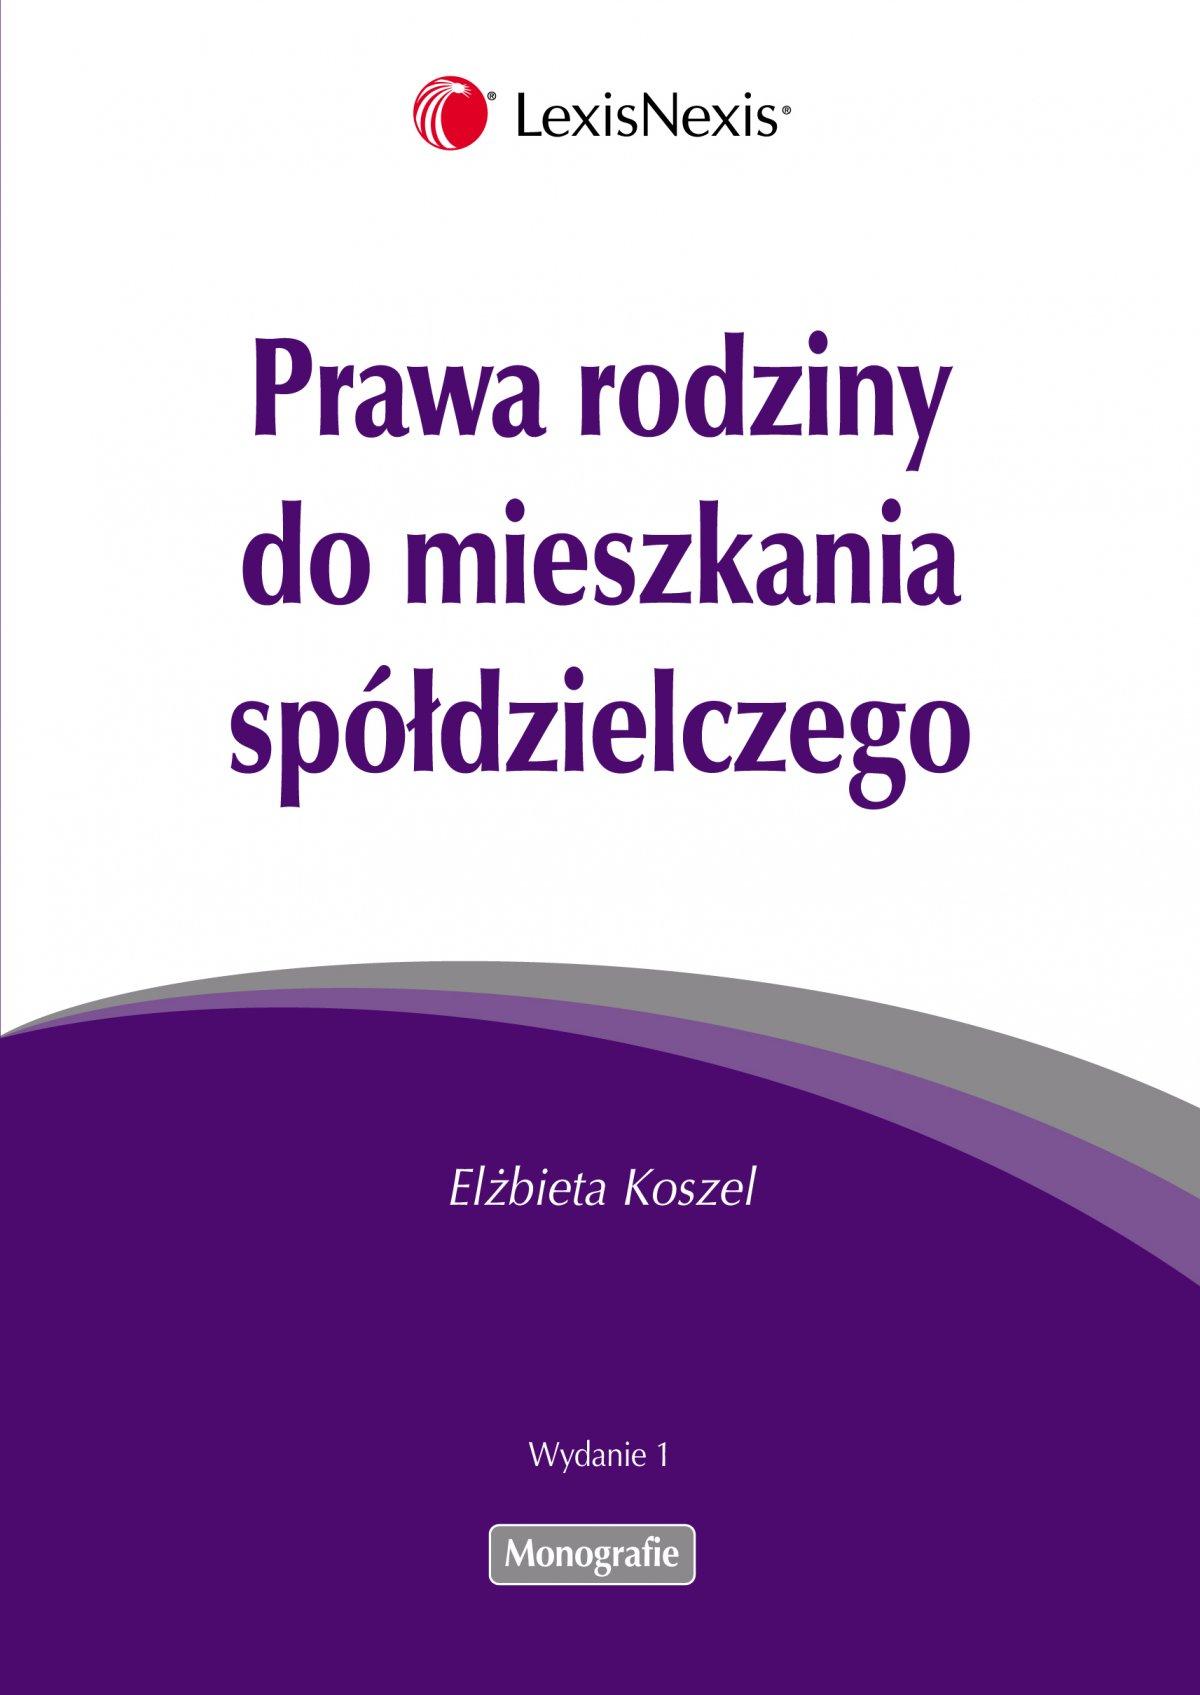 Prawa rodziny do mieszkania spółdzielczego - Ebook (Książka EPUB) do pobrania w formacie EPUB